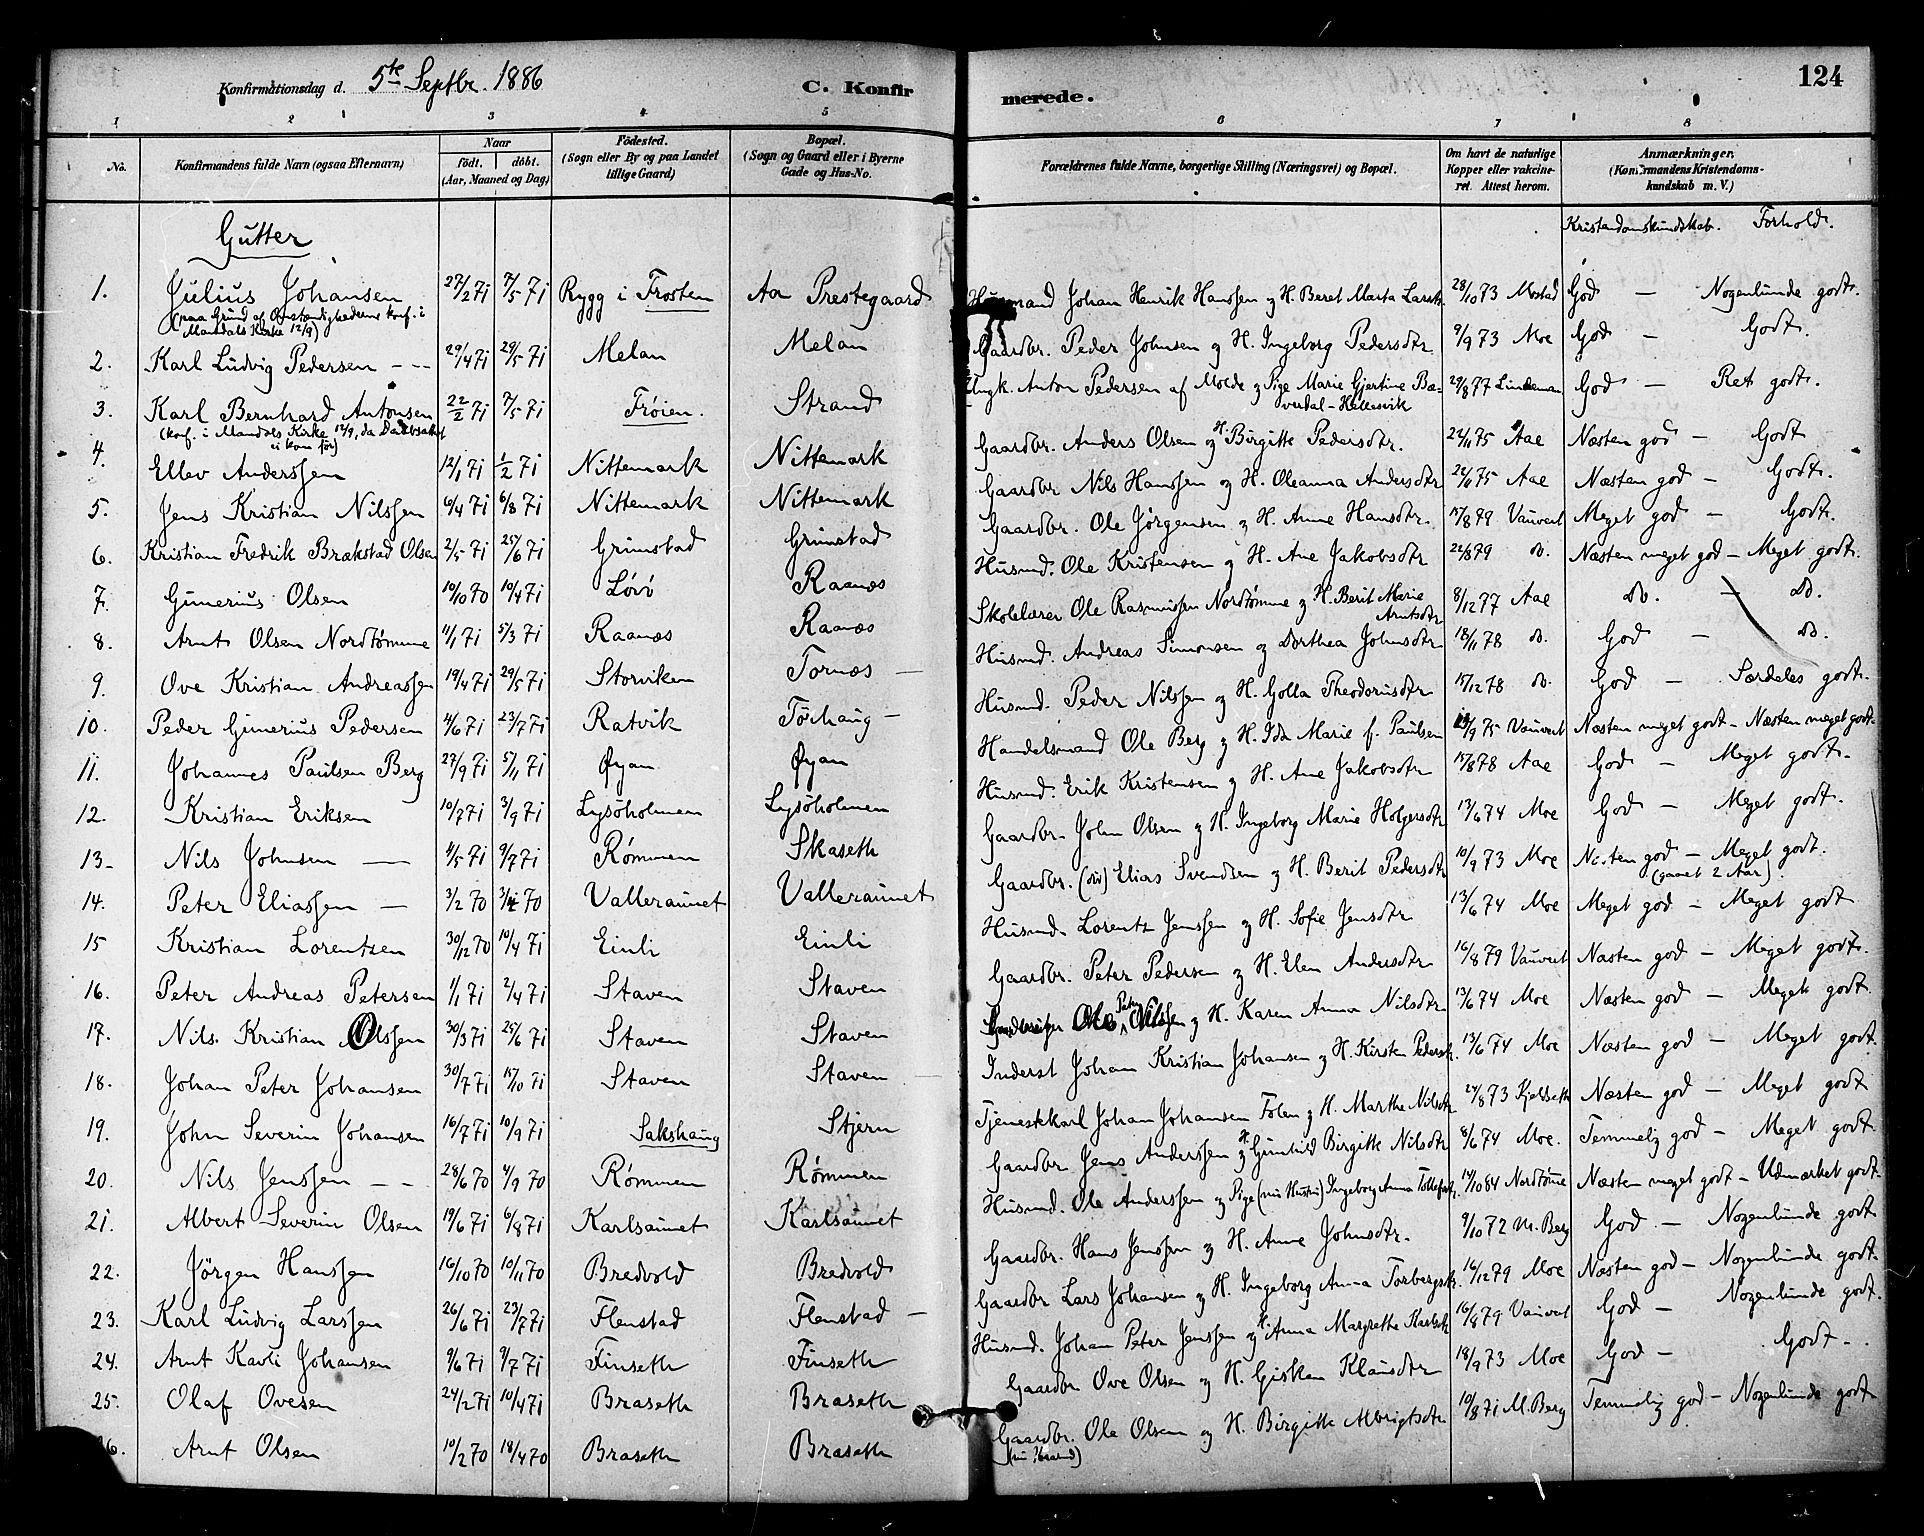 SAT, Ministerialprotokoller, klokkerbøker og fødselsregistre - Sør-Trøndelag, 655/L0680: Ministerialbok nr. 655A09, 1880-1894, s. 124